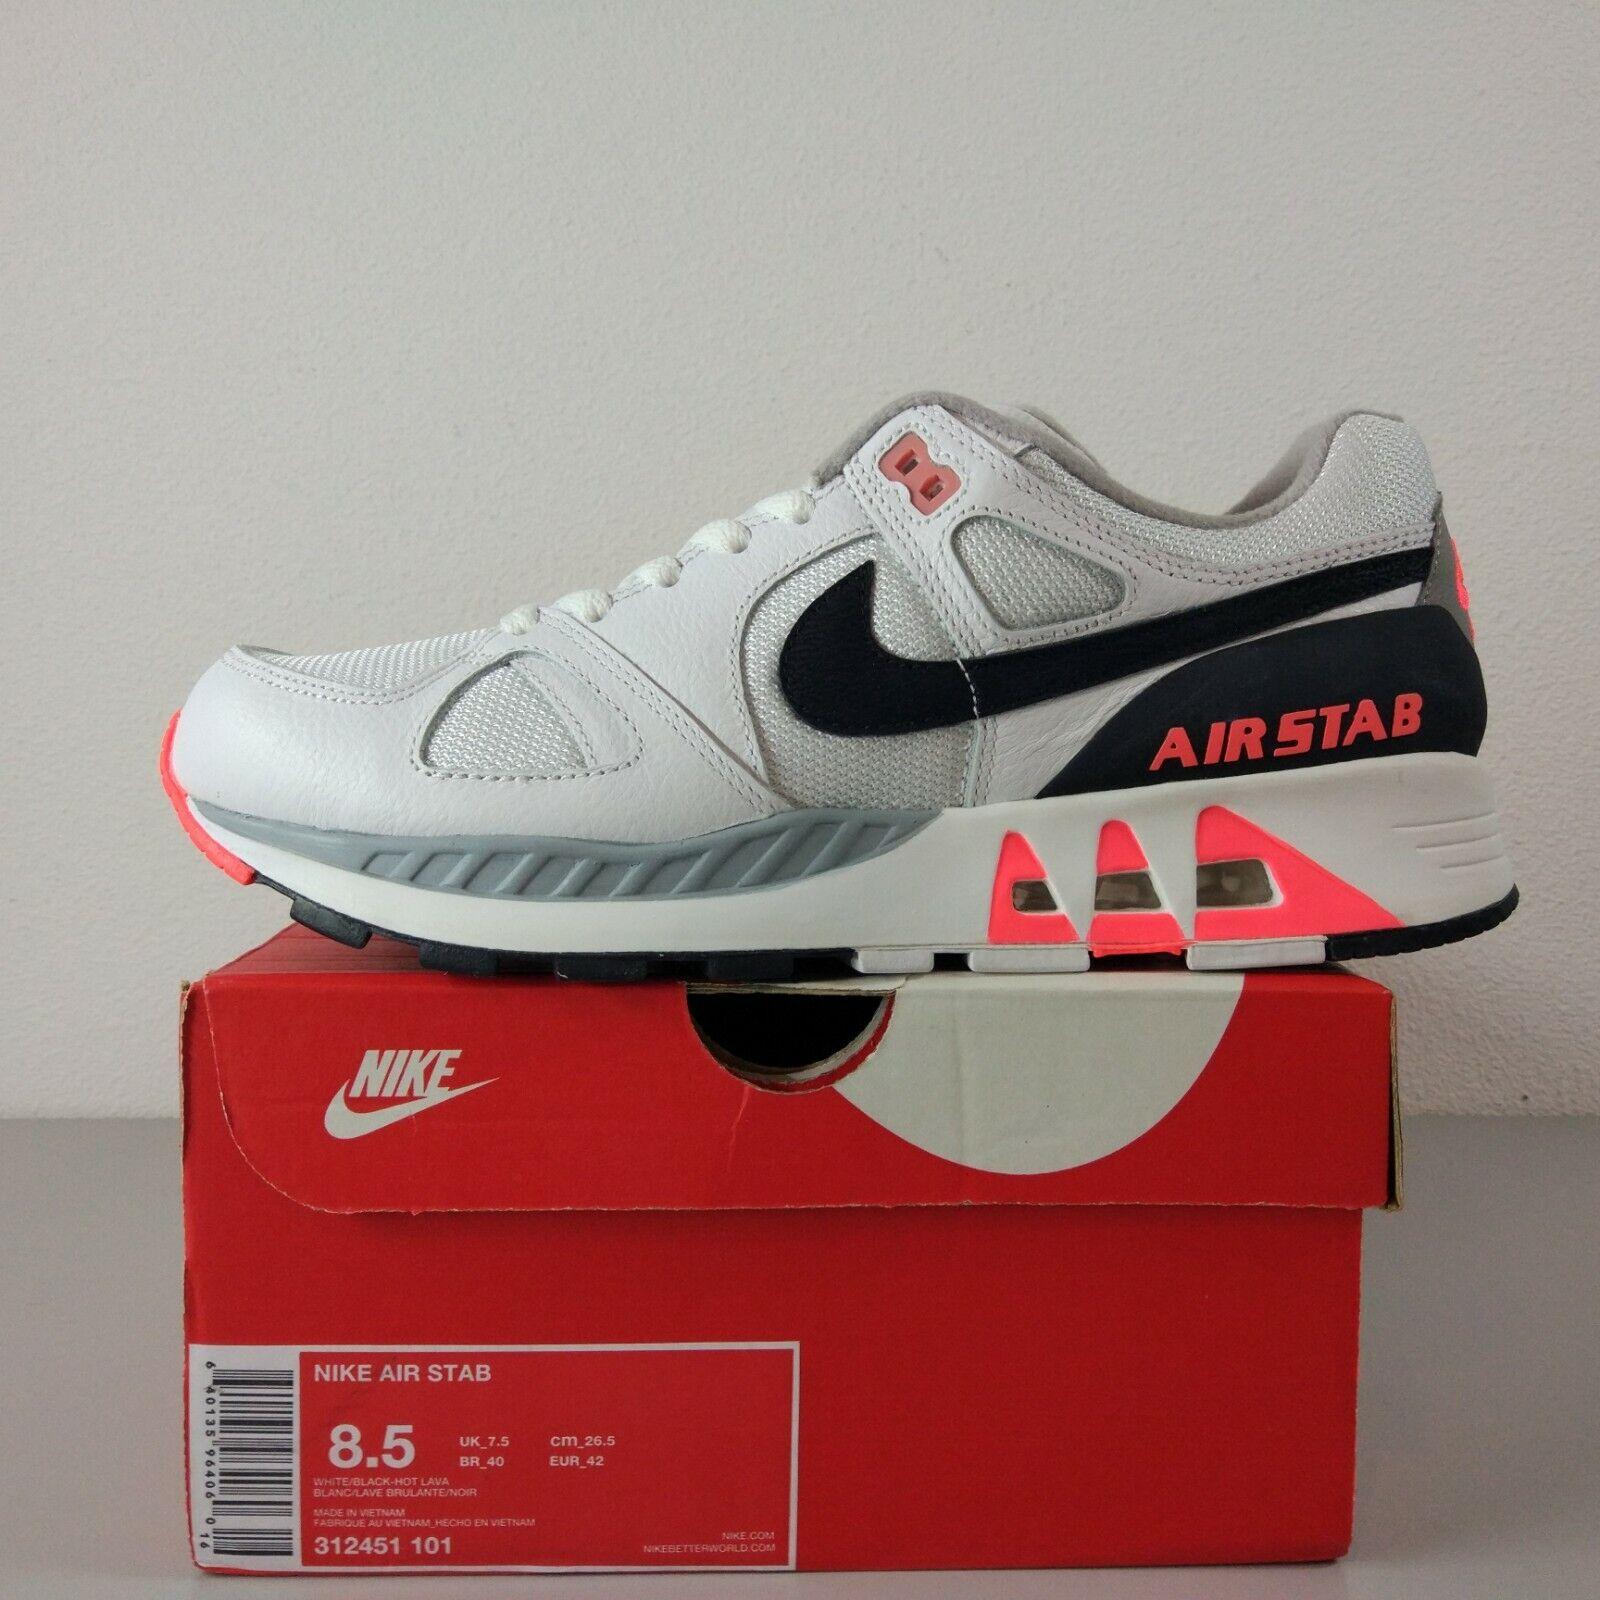 00a7675b28 Nike Air Stab Hot Lava US 8.5 UK 7.5 BNIB Max Span Base OG 180 1 90 ...